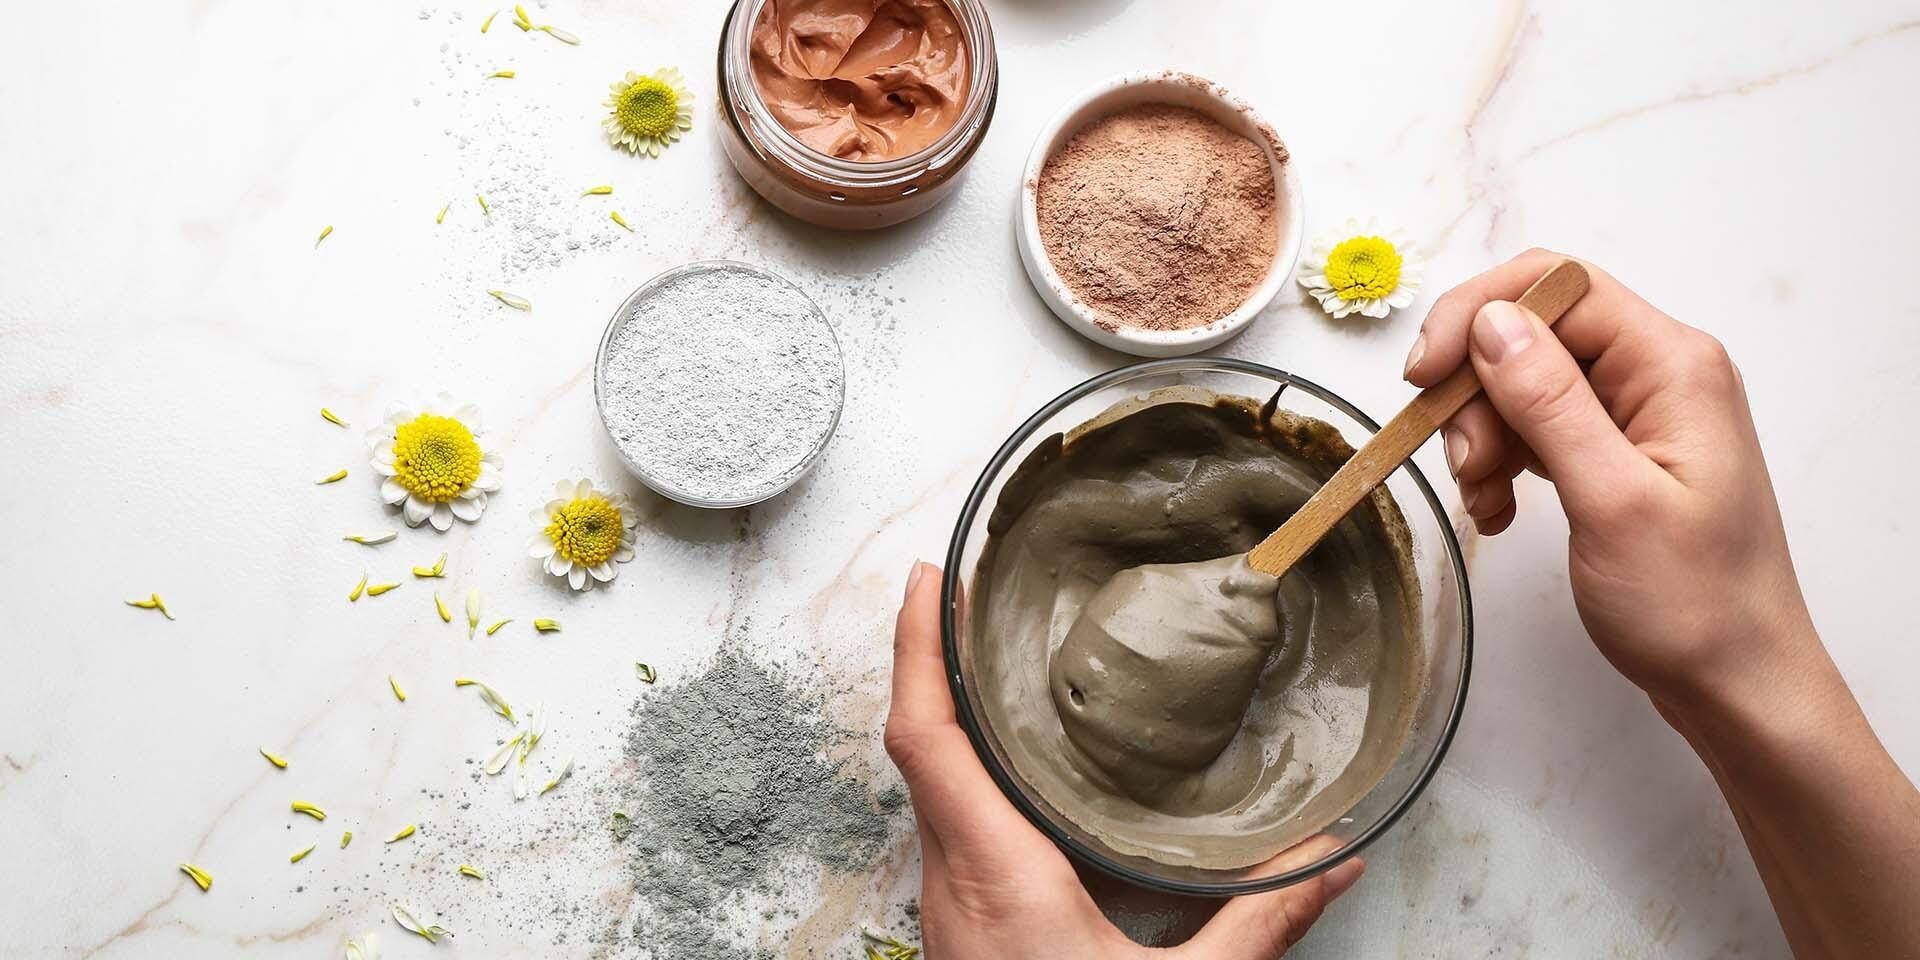 Kozmetika s výťažkami z prírody, Mŕtveho mora a bio arganovým olejom z Maroka